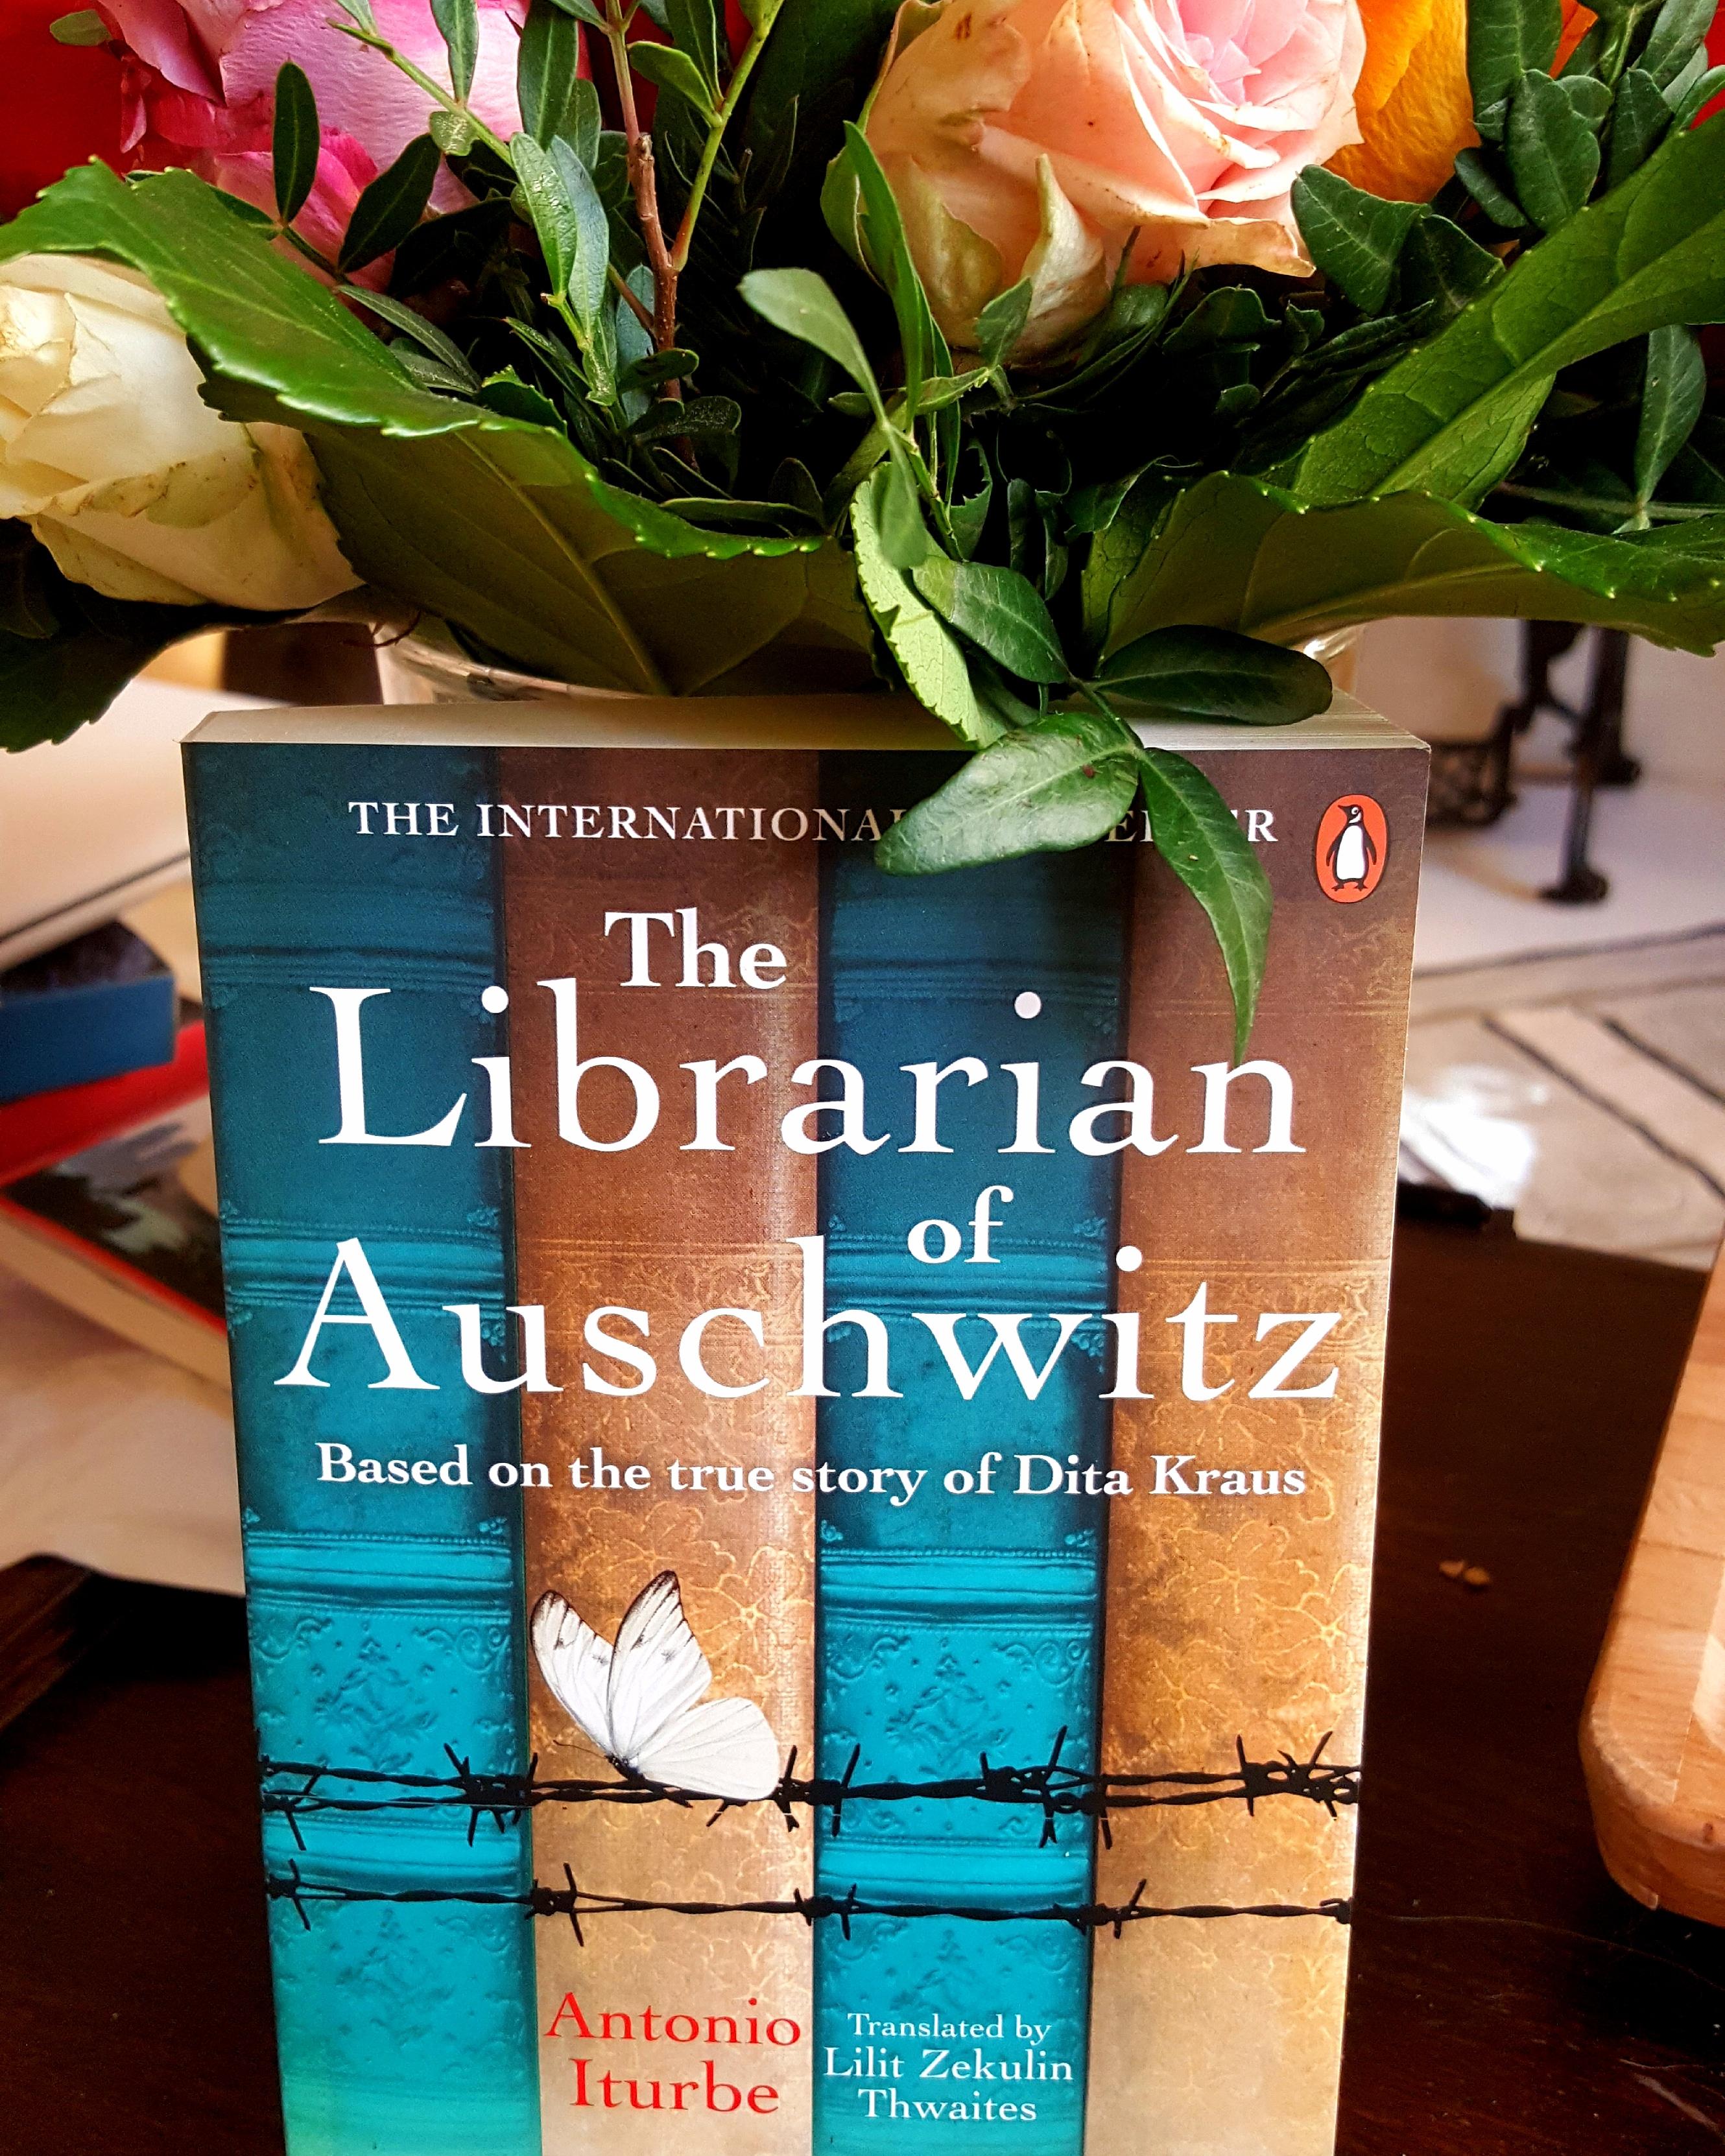 Bibliotekaren fra Auschwich af Antonio Iturbe